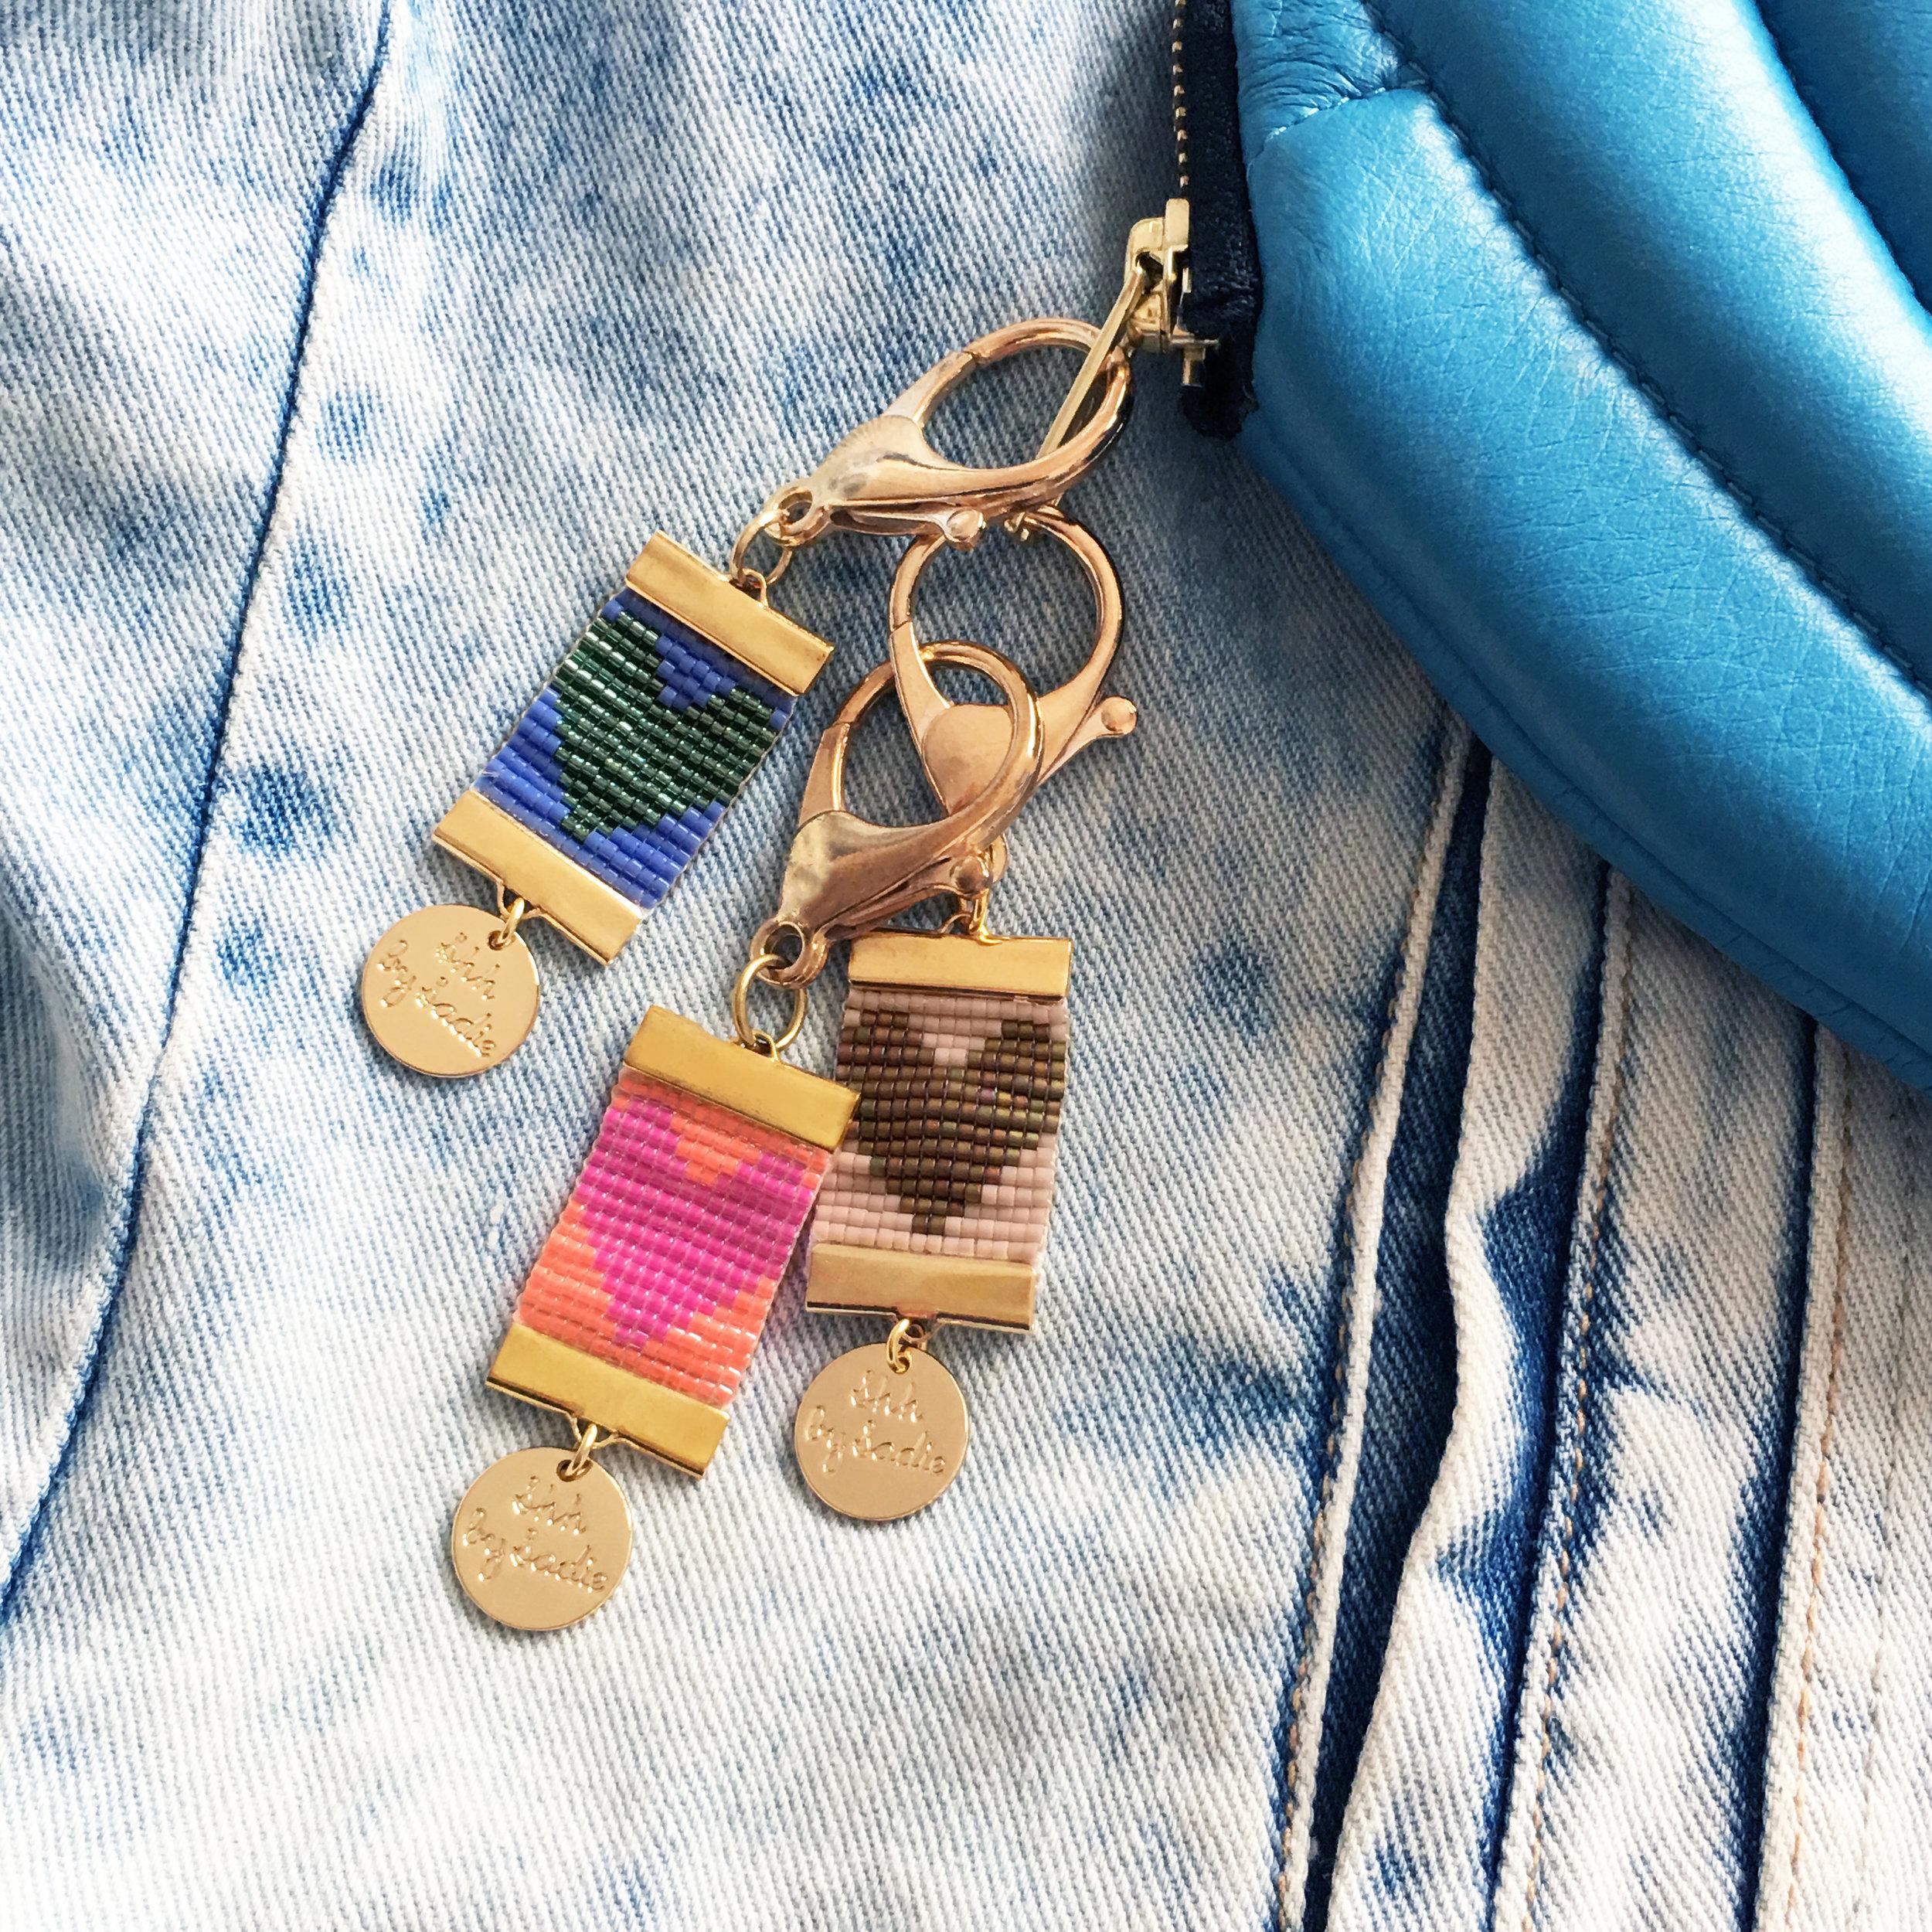 Shh by sadie designer bag charm handmade in England by Welsh jewellery designer Sadie Hawker